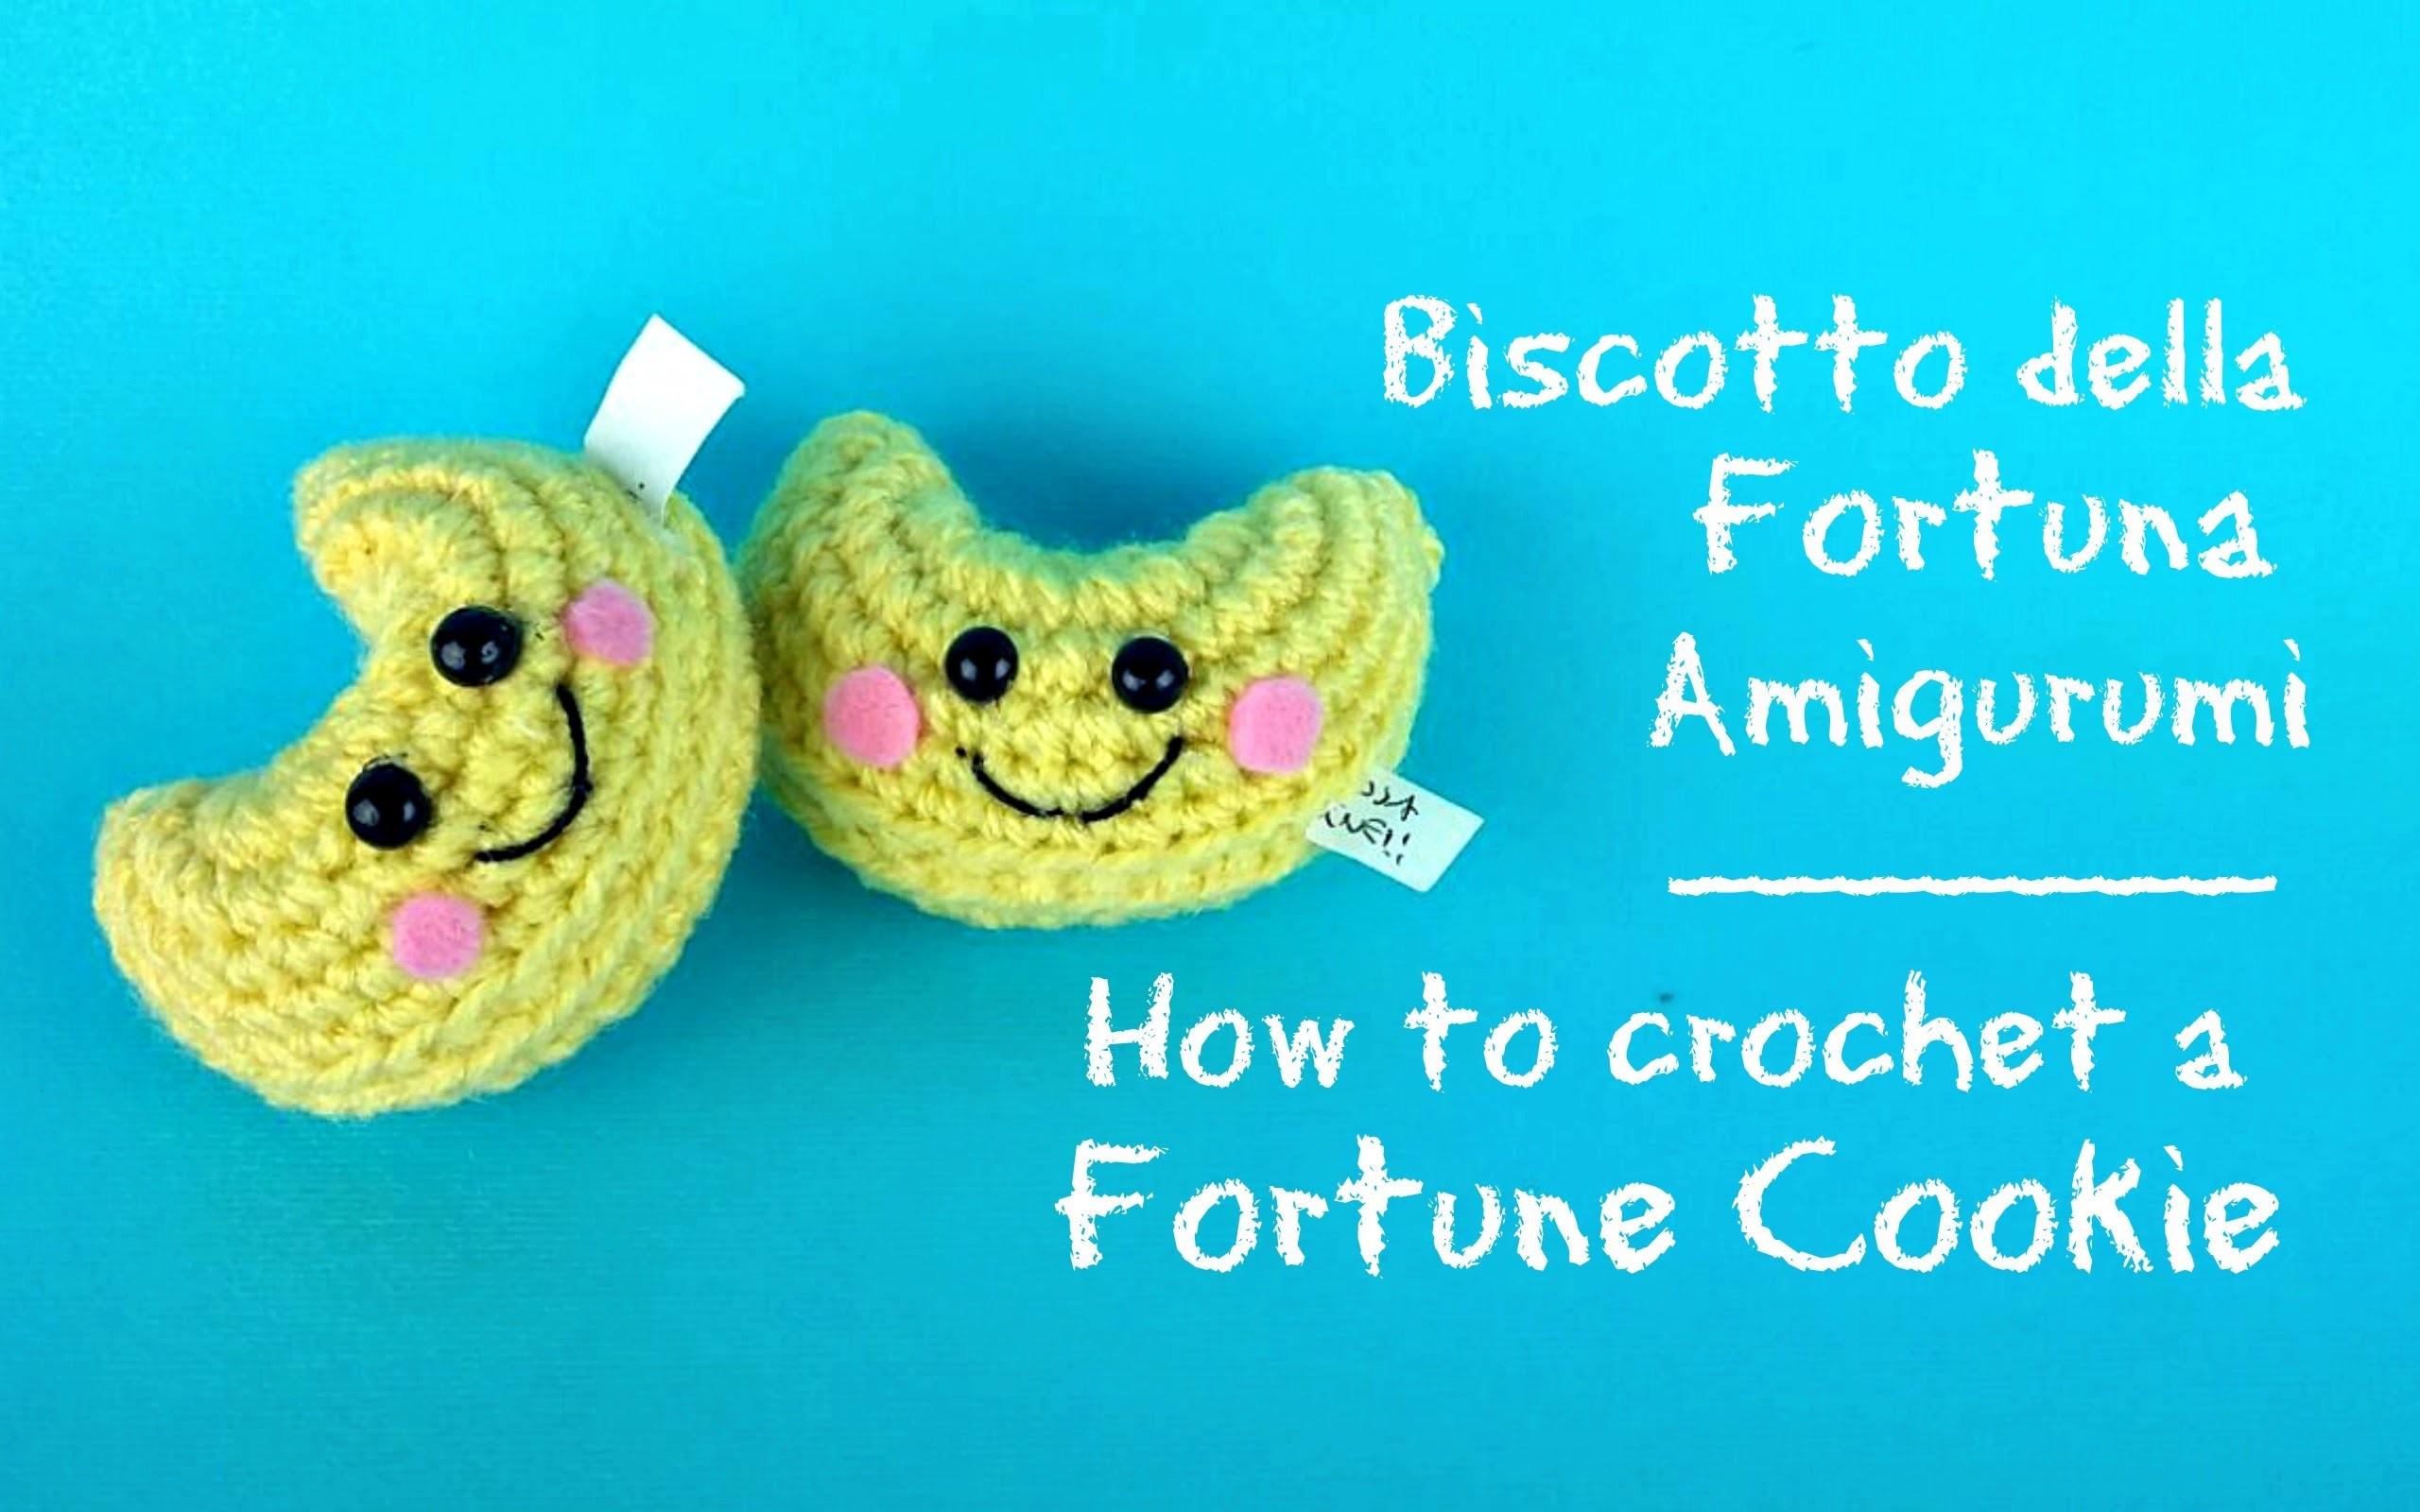 Biscotto della fortuna Amigurumi   How to crochet a Fortune Cookie